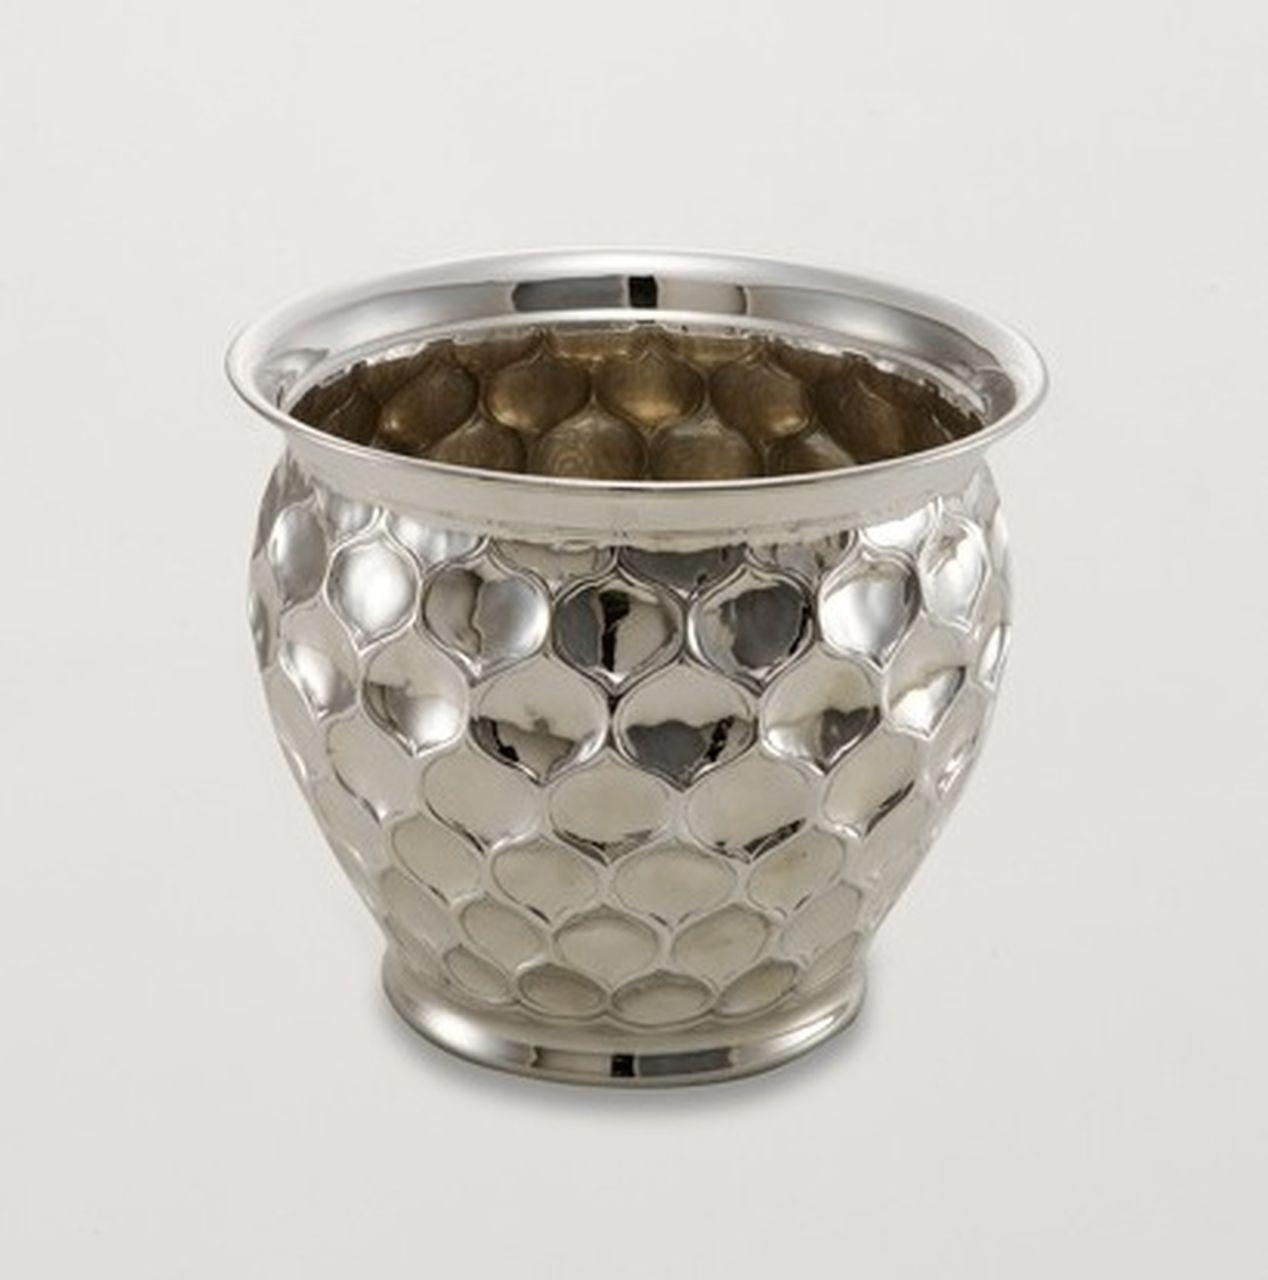 Vaso Fiori Cache Pot portapiante argentato argento sheffield stile goccia